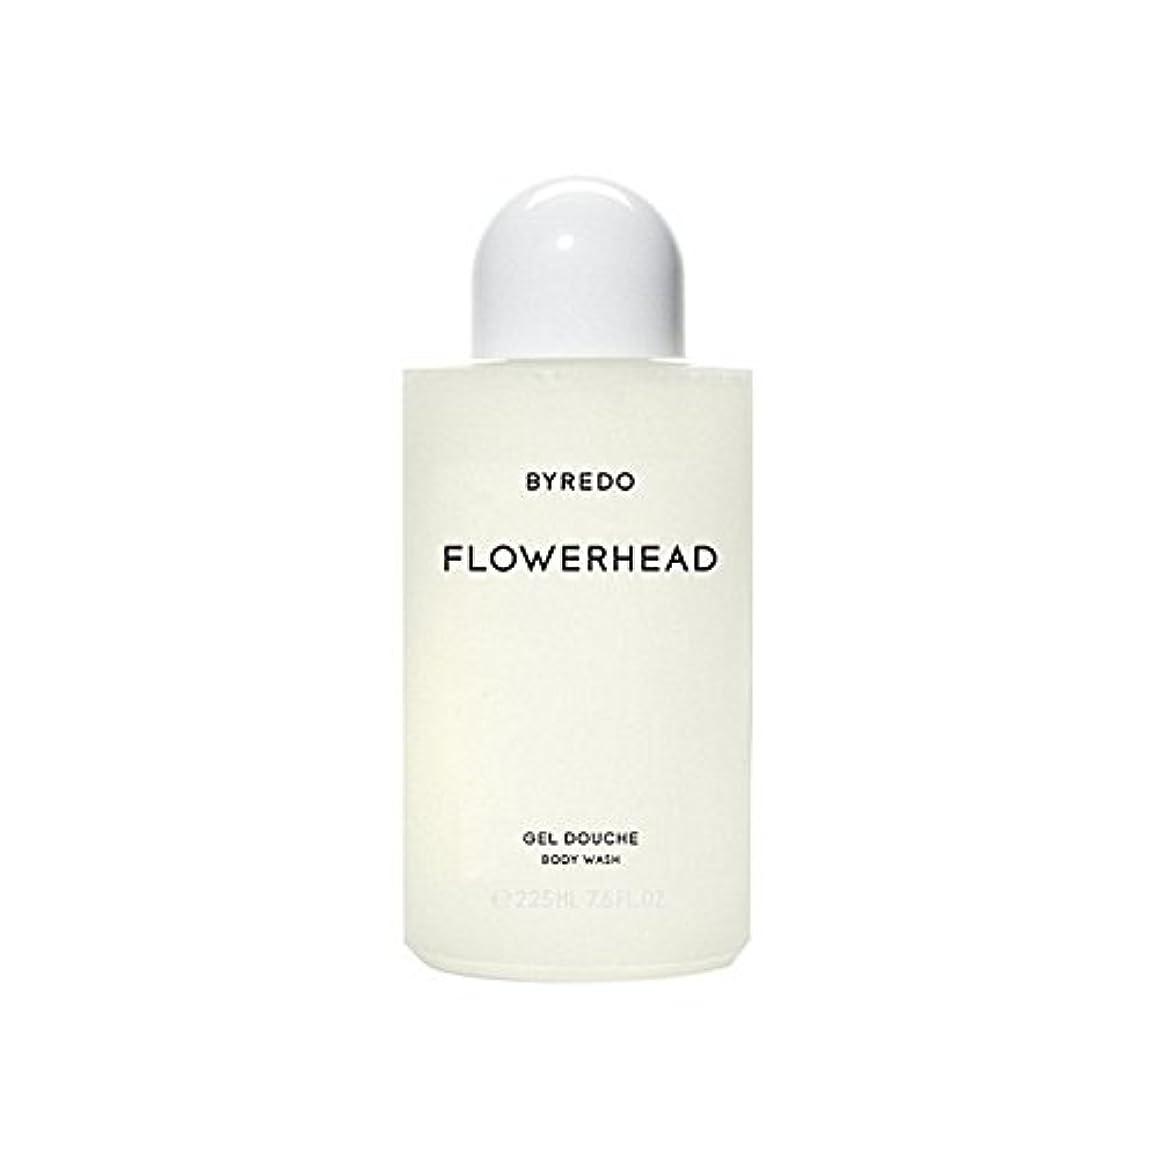 凍る選出する専門用語Byredo Flowerhead Body Wash 225ml - ボディウォッシュ225ミリリットル [並行輸入品]